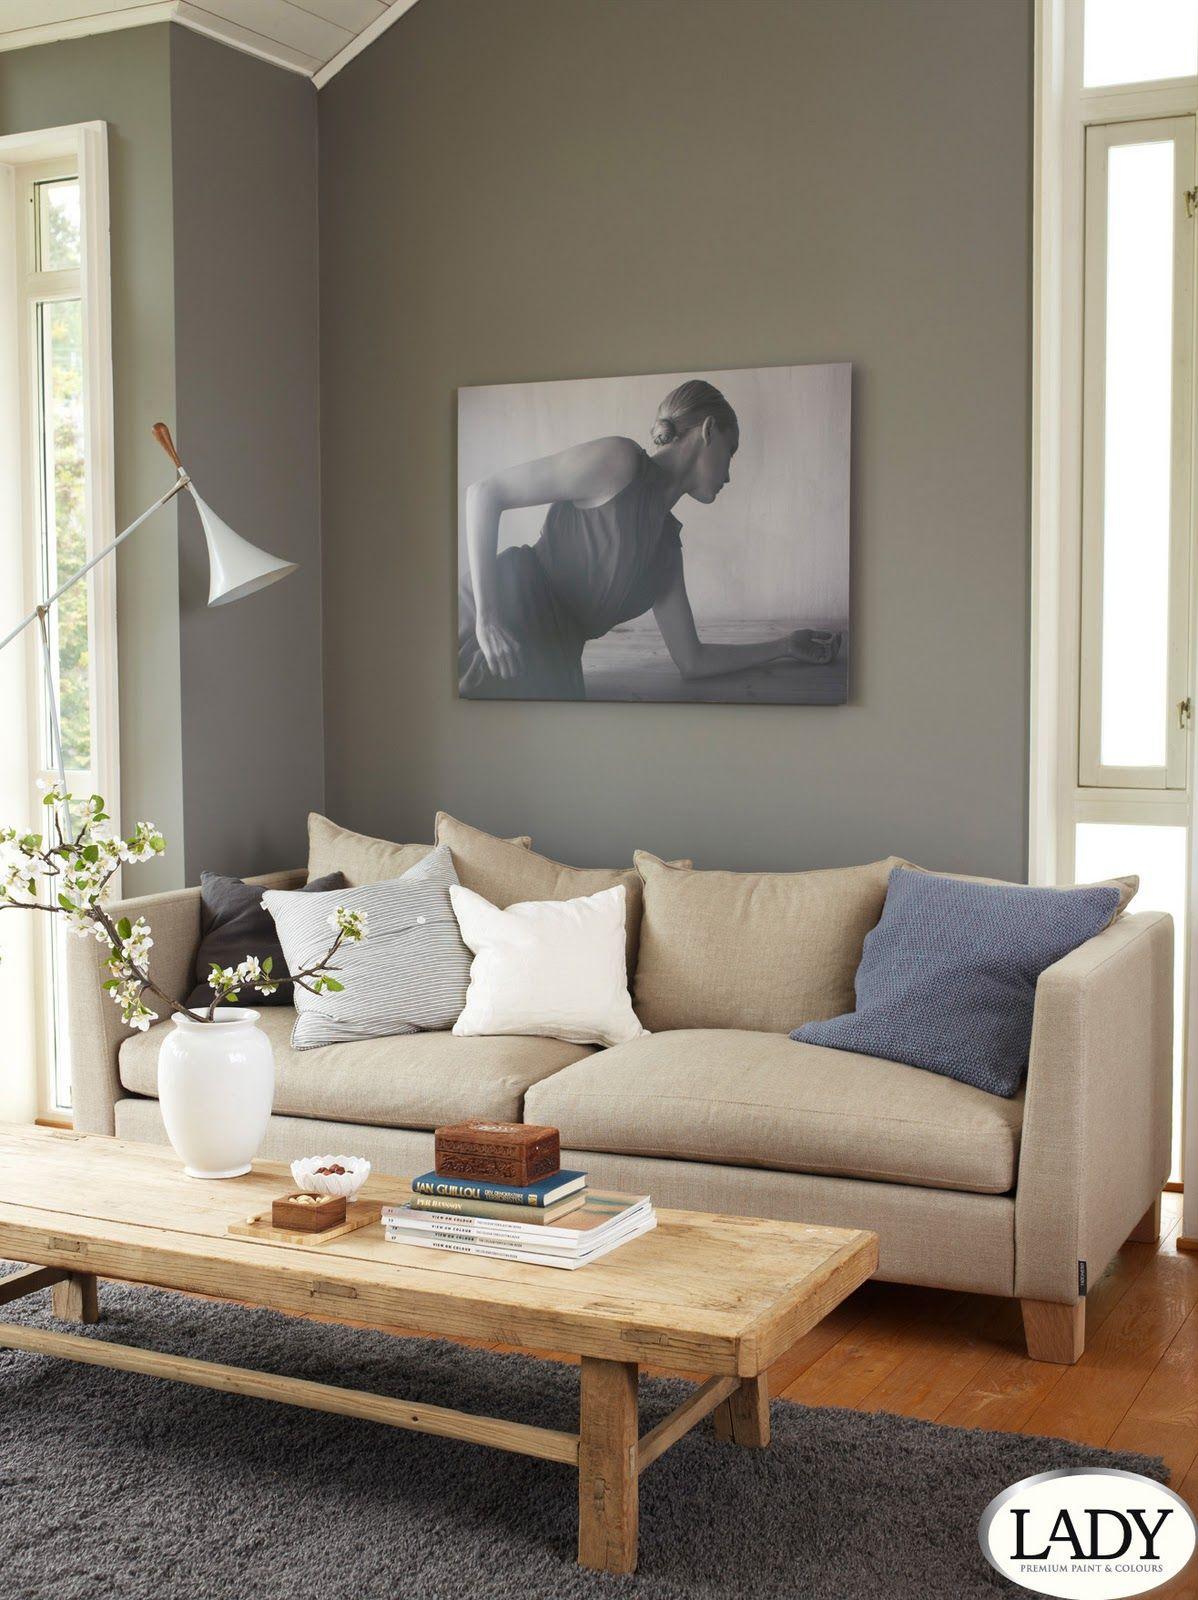 Jotun colour skifergr decoraci n del hogar pinterest decoraci n hogar decoraci n de - Pinterest decoracion hogar ...